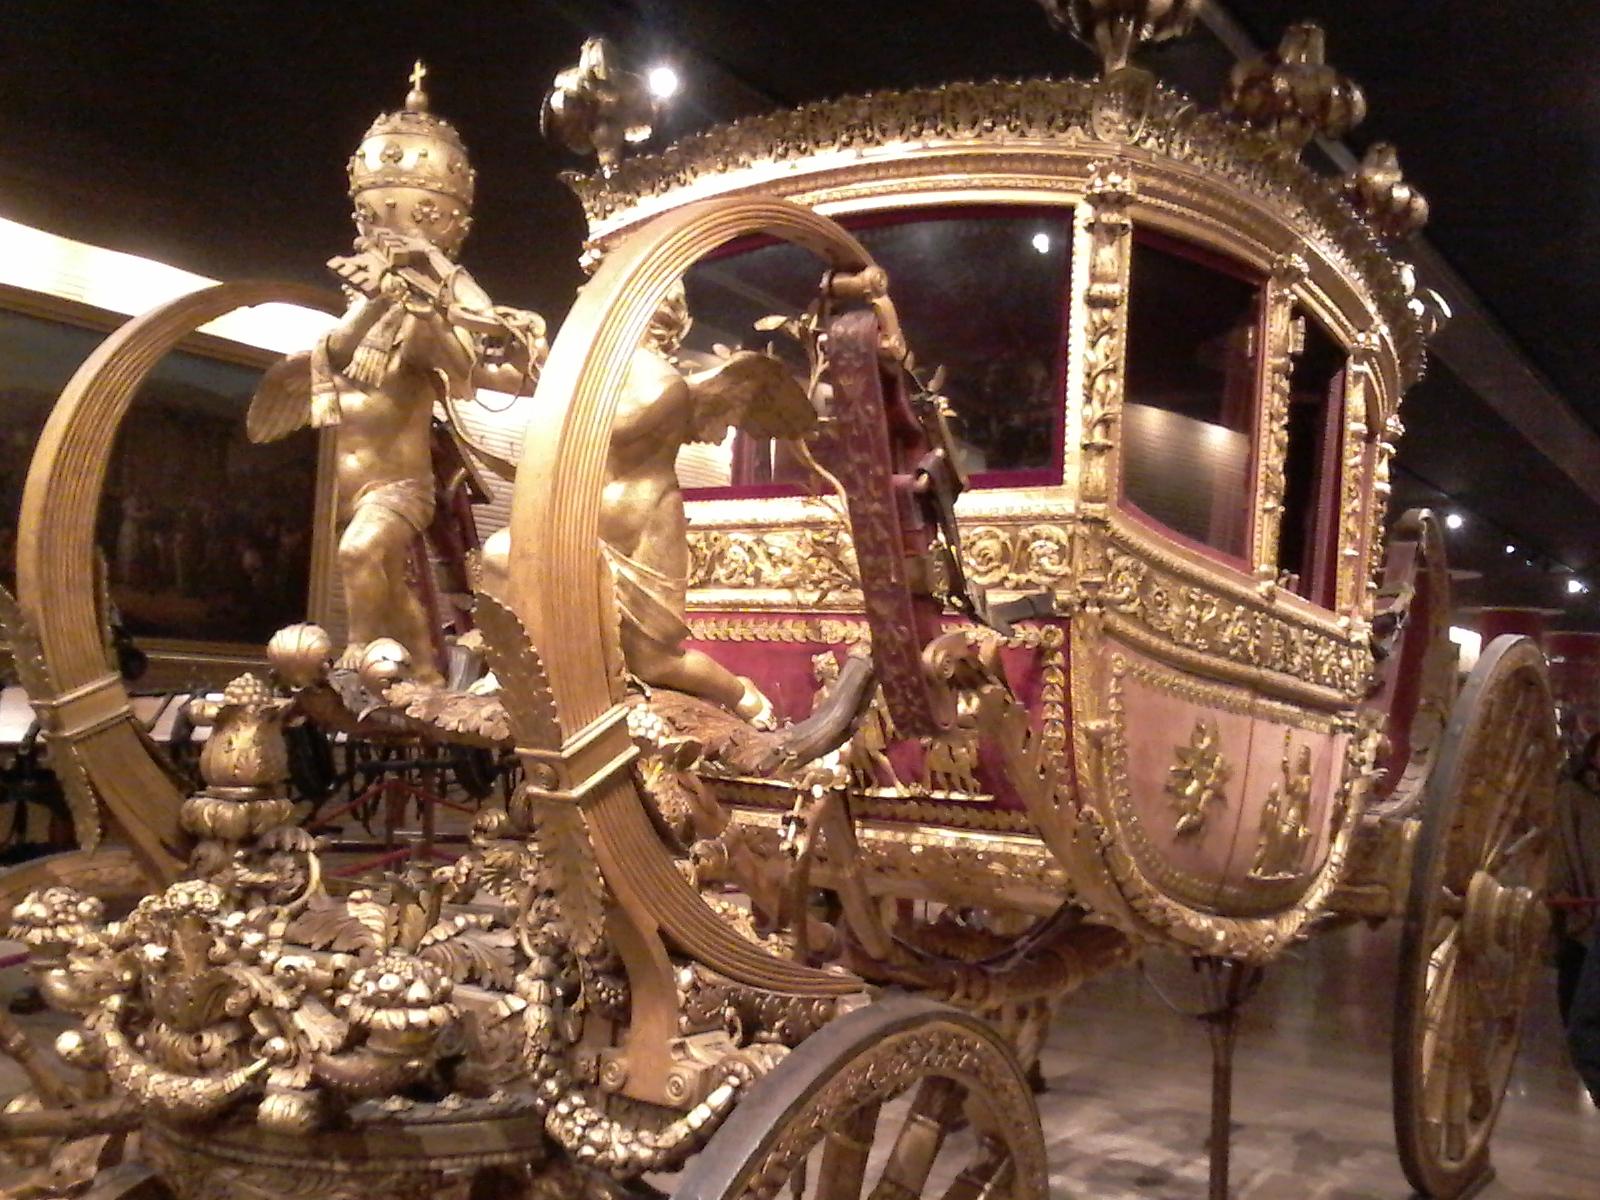 Papal Golden Coach - Vatican Tour